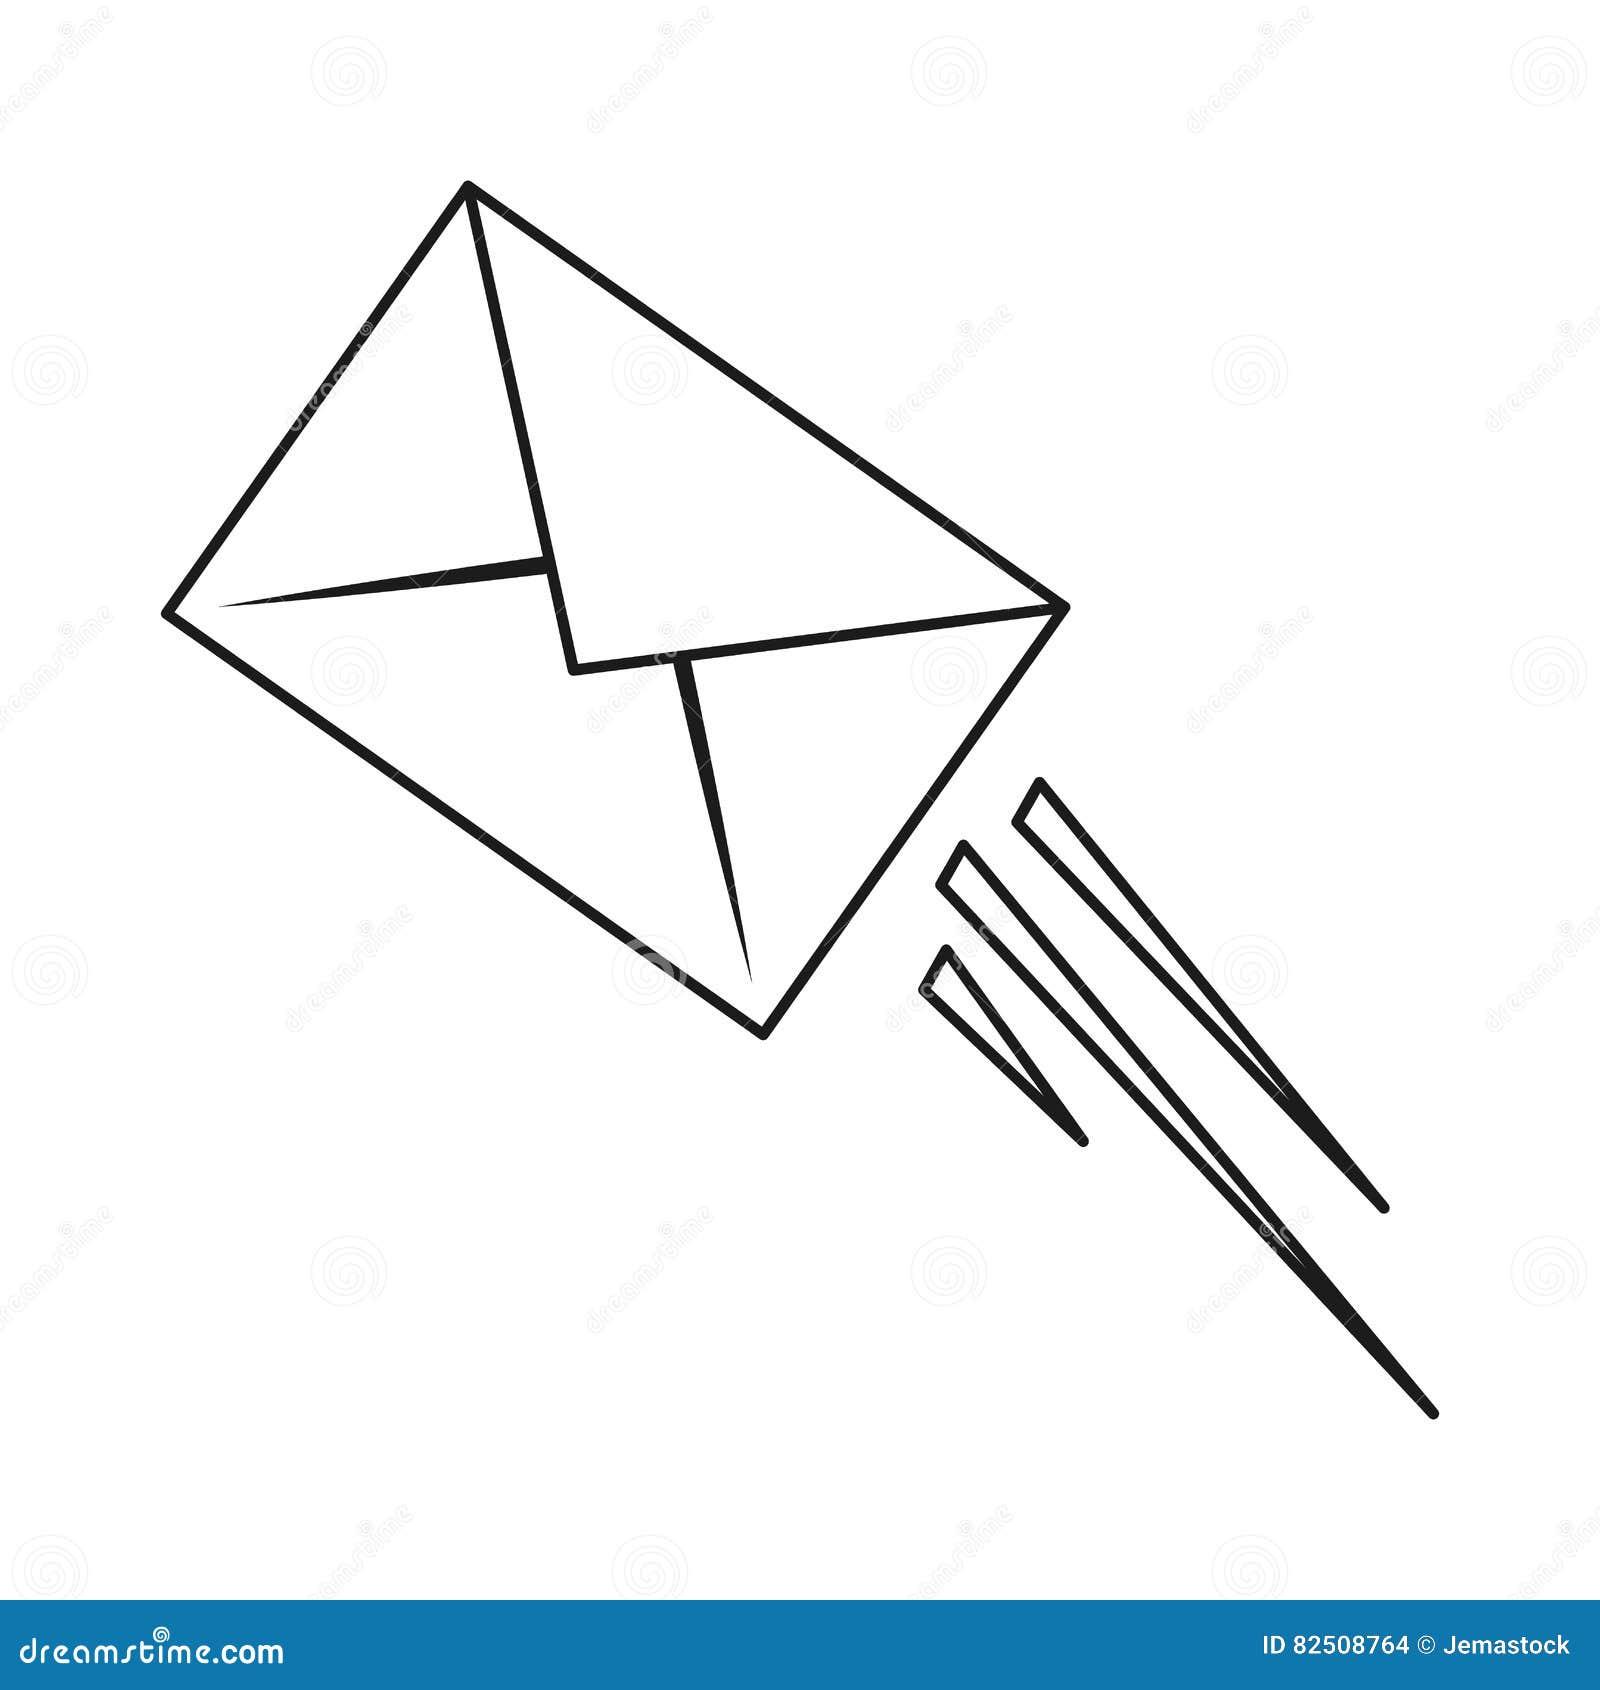 Dessin D Enveloppe contour d'enveloppe d'email de courrier express illustration de